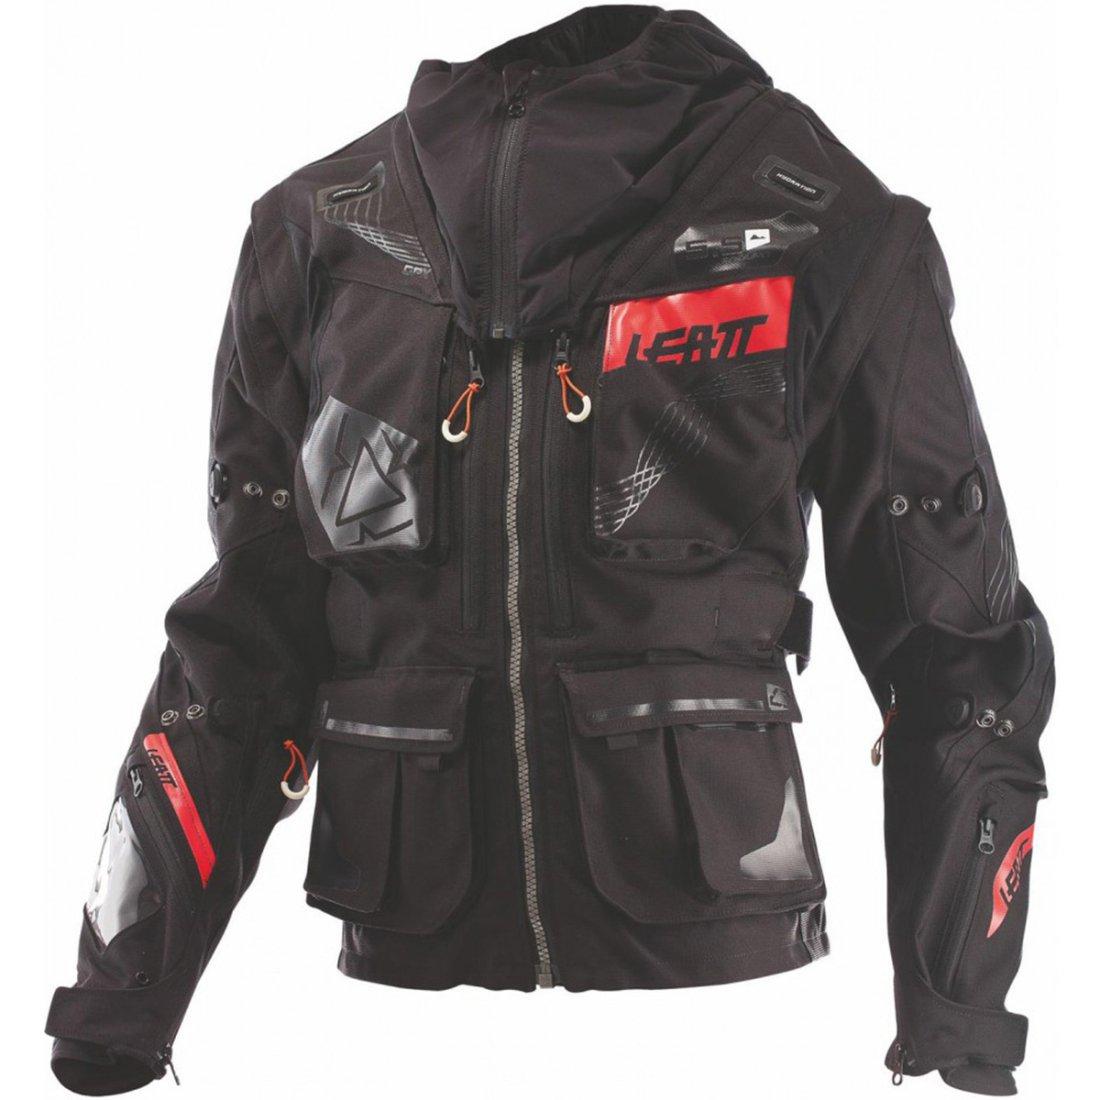 2f3e34ad1366f chaqueta enduro con protecciones